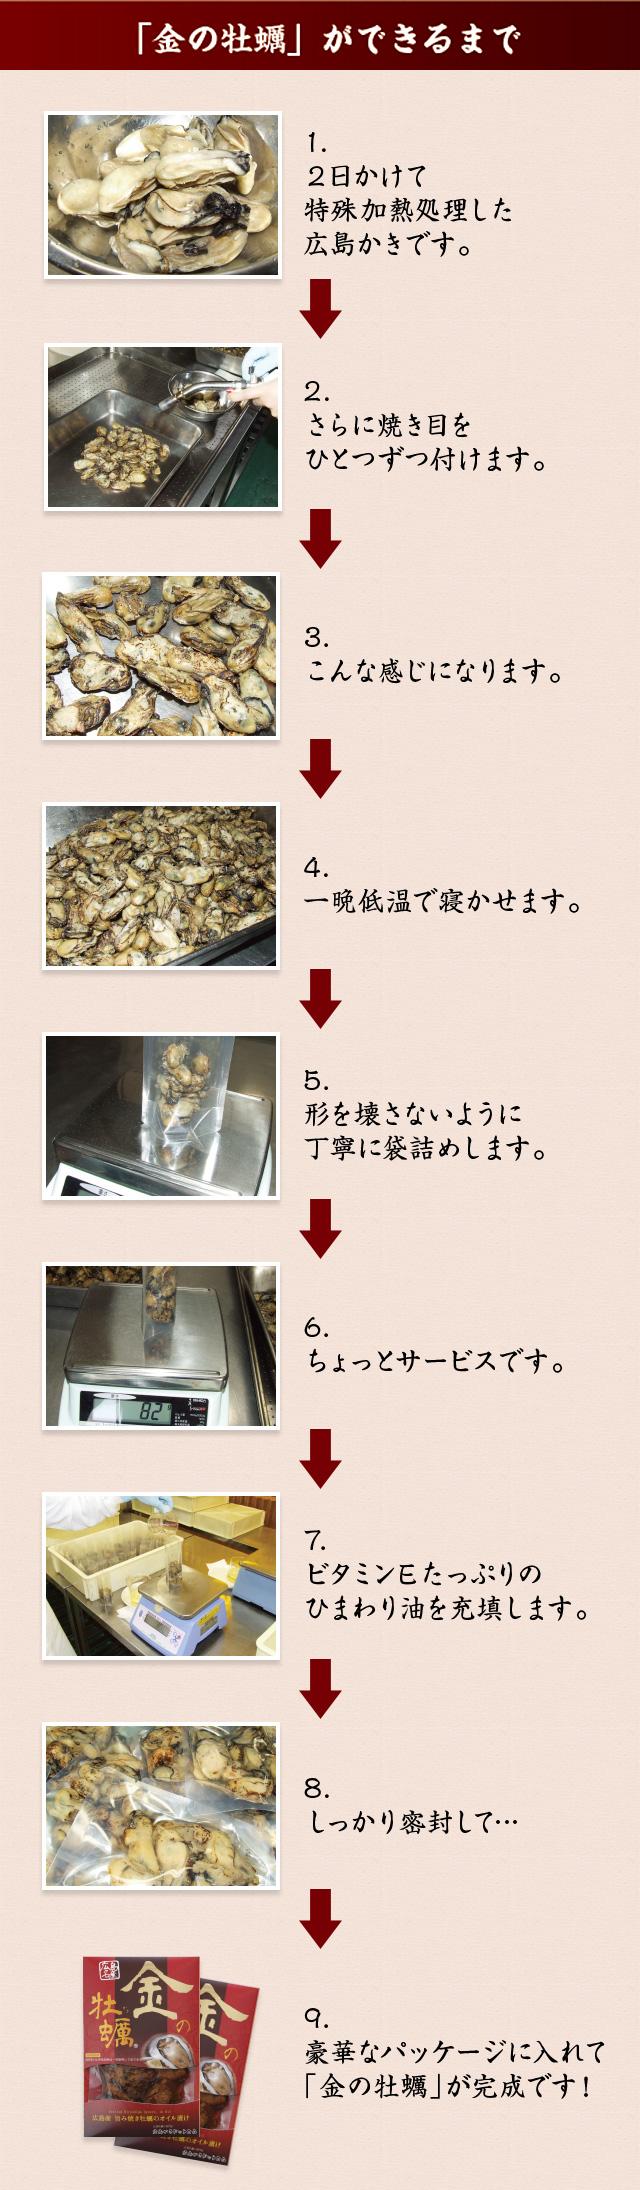 「金の牡蠣」ができるまで 1.2日かけて特殊加熱処理した広島かきです。 2.さらに焼き目をひとつずつ付けます。 3.こんな感じになります。 4.一晩低温で寝かせます。 5.形を壊さないように丁寧に袋詰めします。 6.ちょっとサービスです。 7.ビタミンEたっぷりのひまわり油を充填します。 8.しっかり密封して… 9.豪華なパッケージに入れて「金の牡蠣」が完成です!